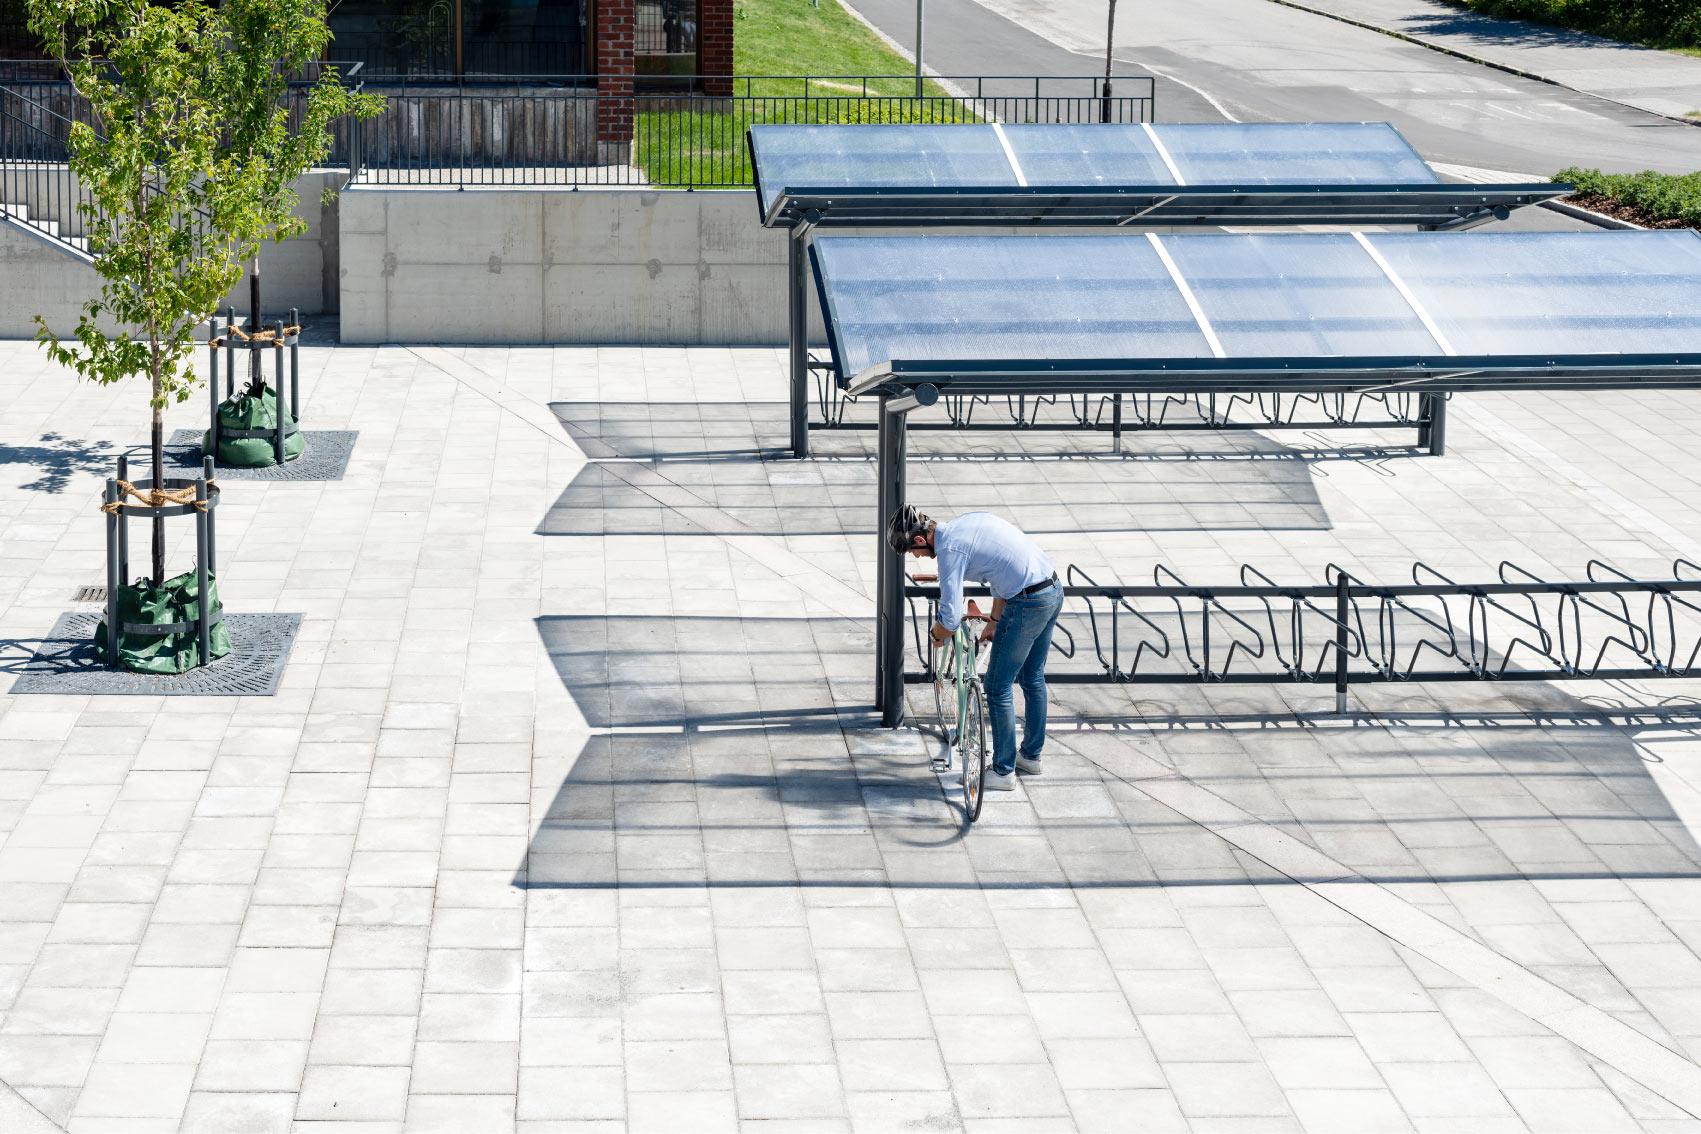 En cyklist låser sin cykel i det dubbelsidiga cykelstället DELTA under det dubbelsidiga cykeltaket YPSILON från Cyklos